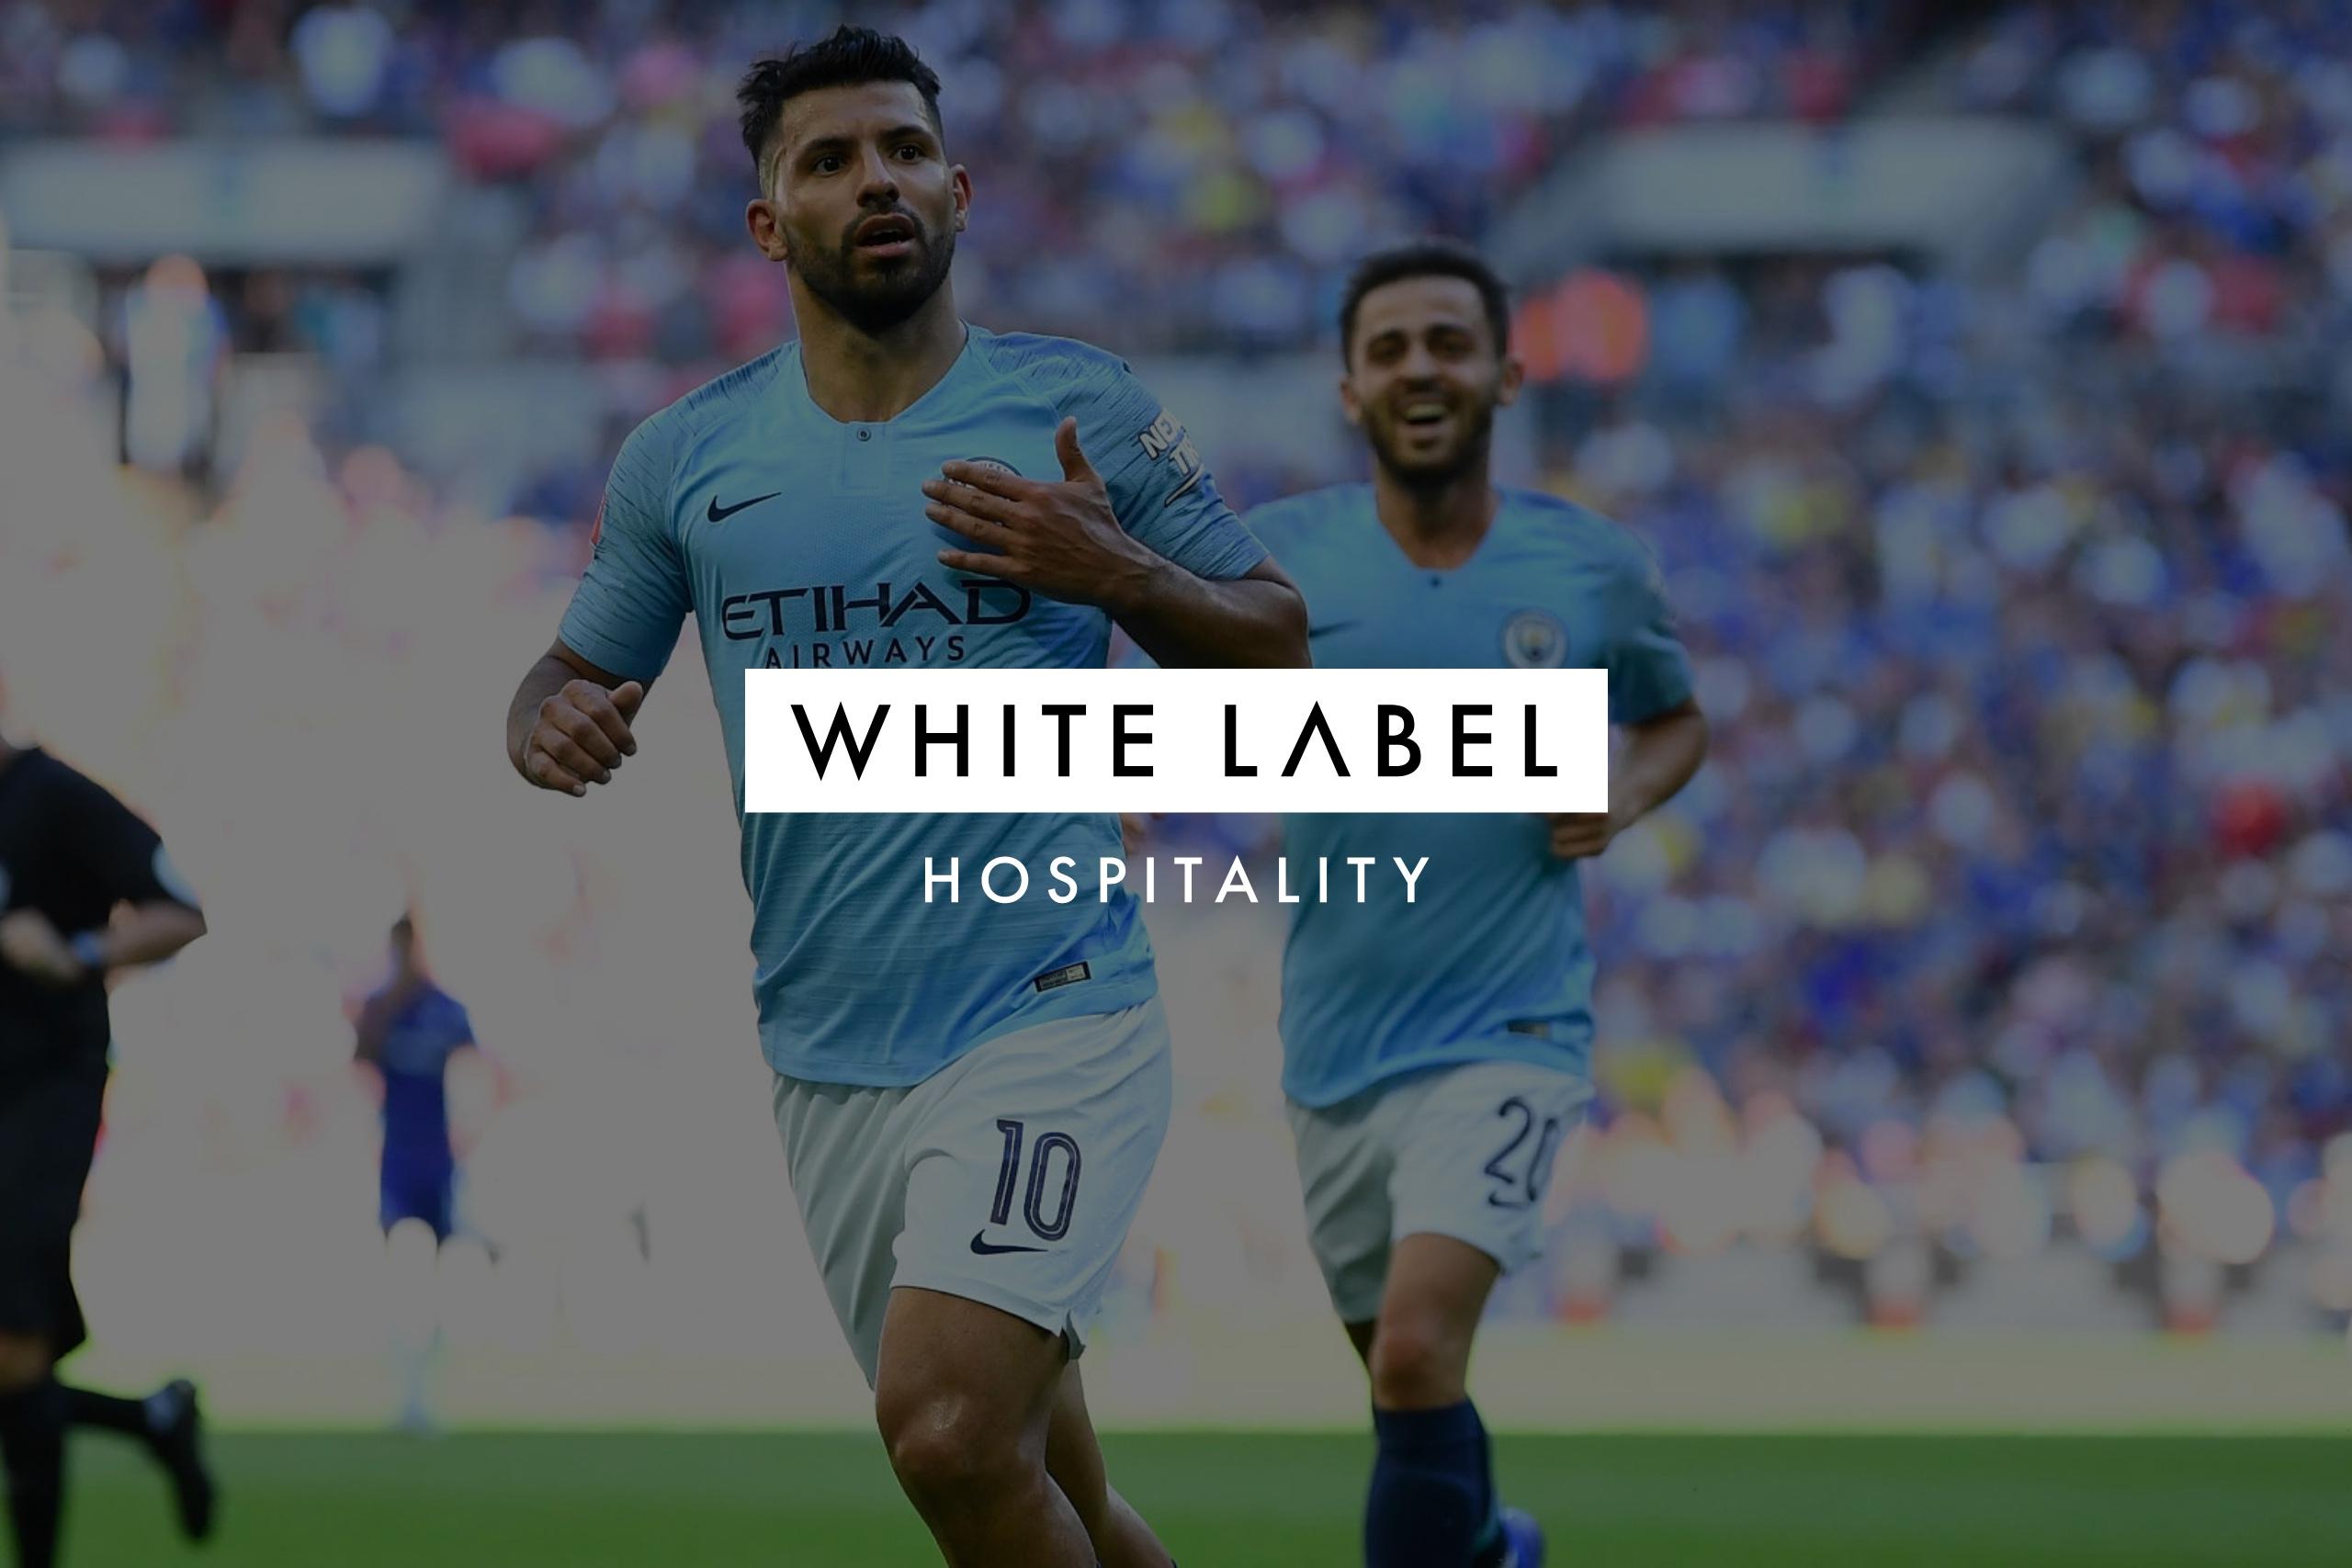 White Label Hospitality brand identity